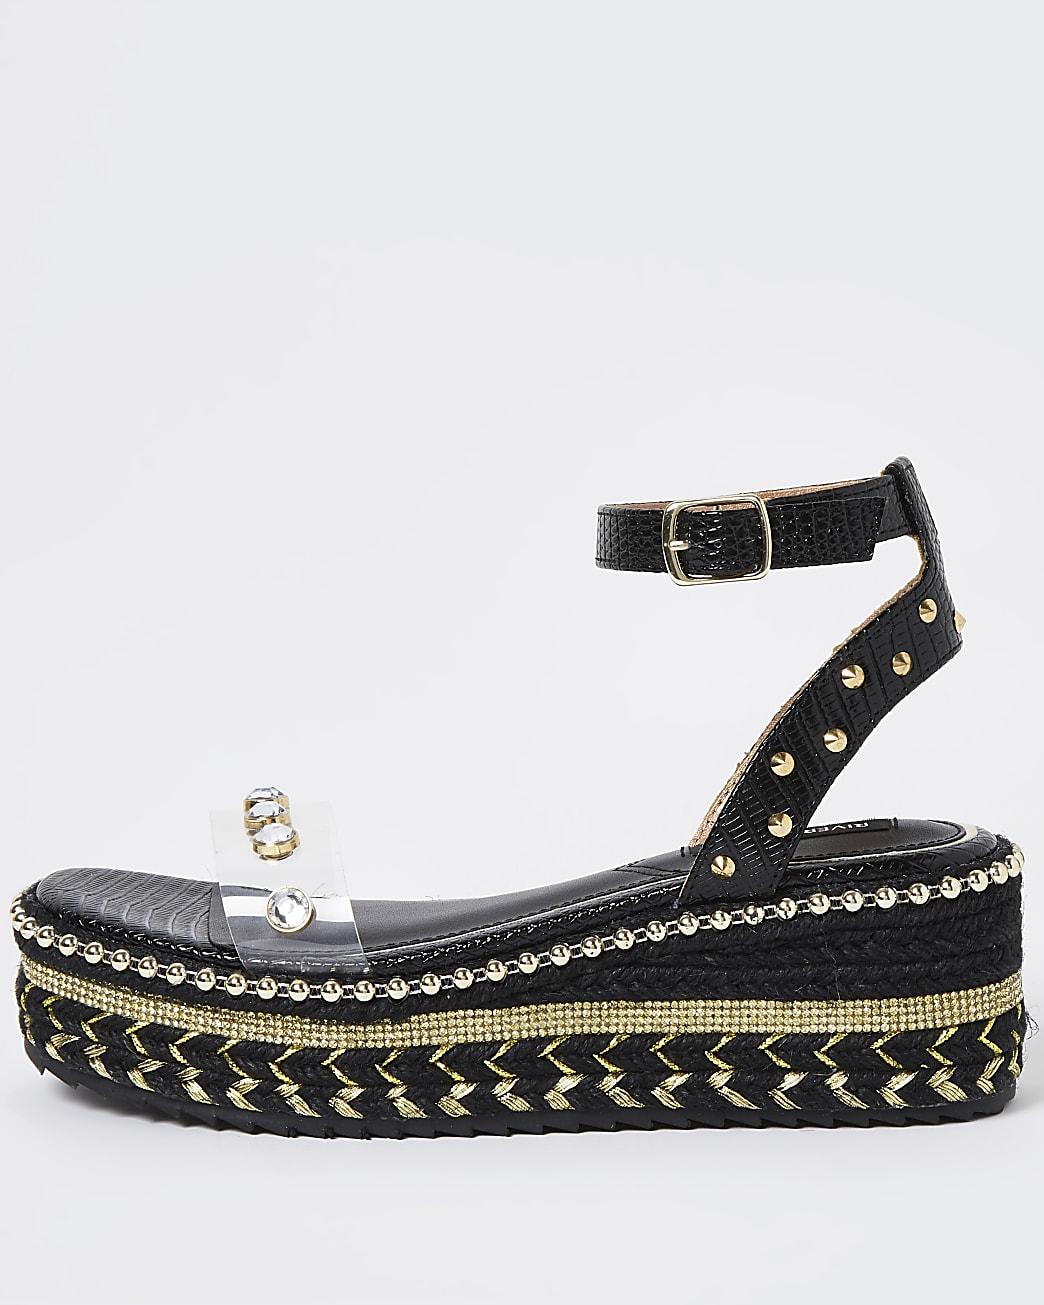 Black embellished platform sandals